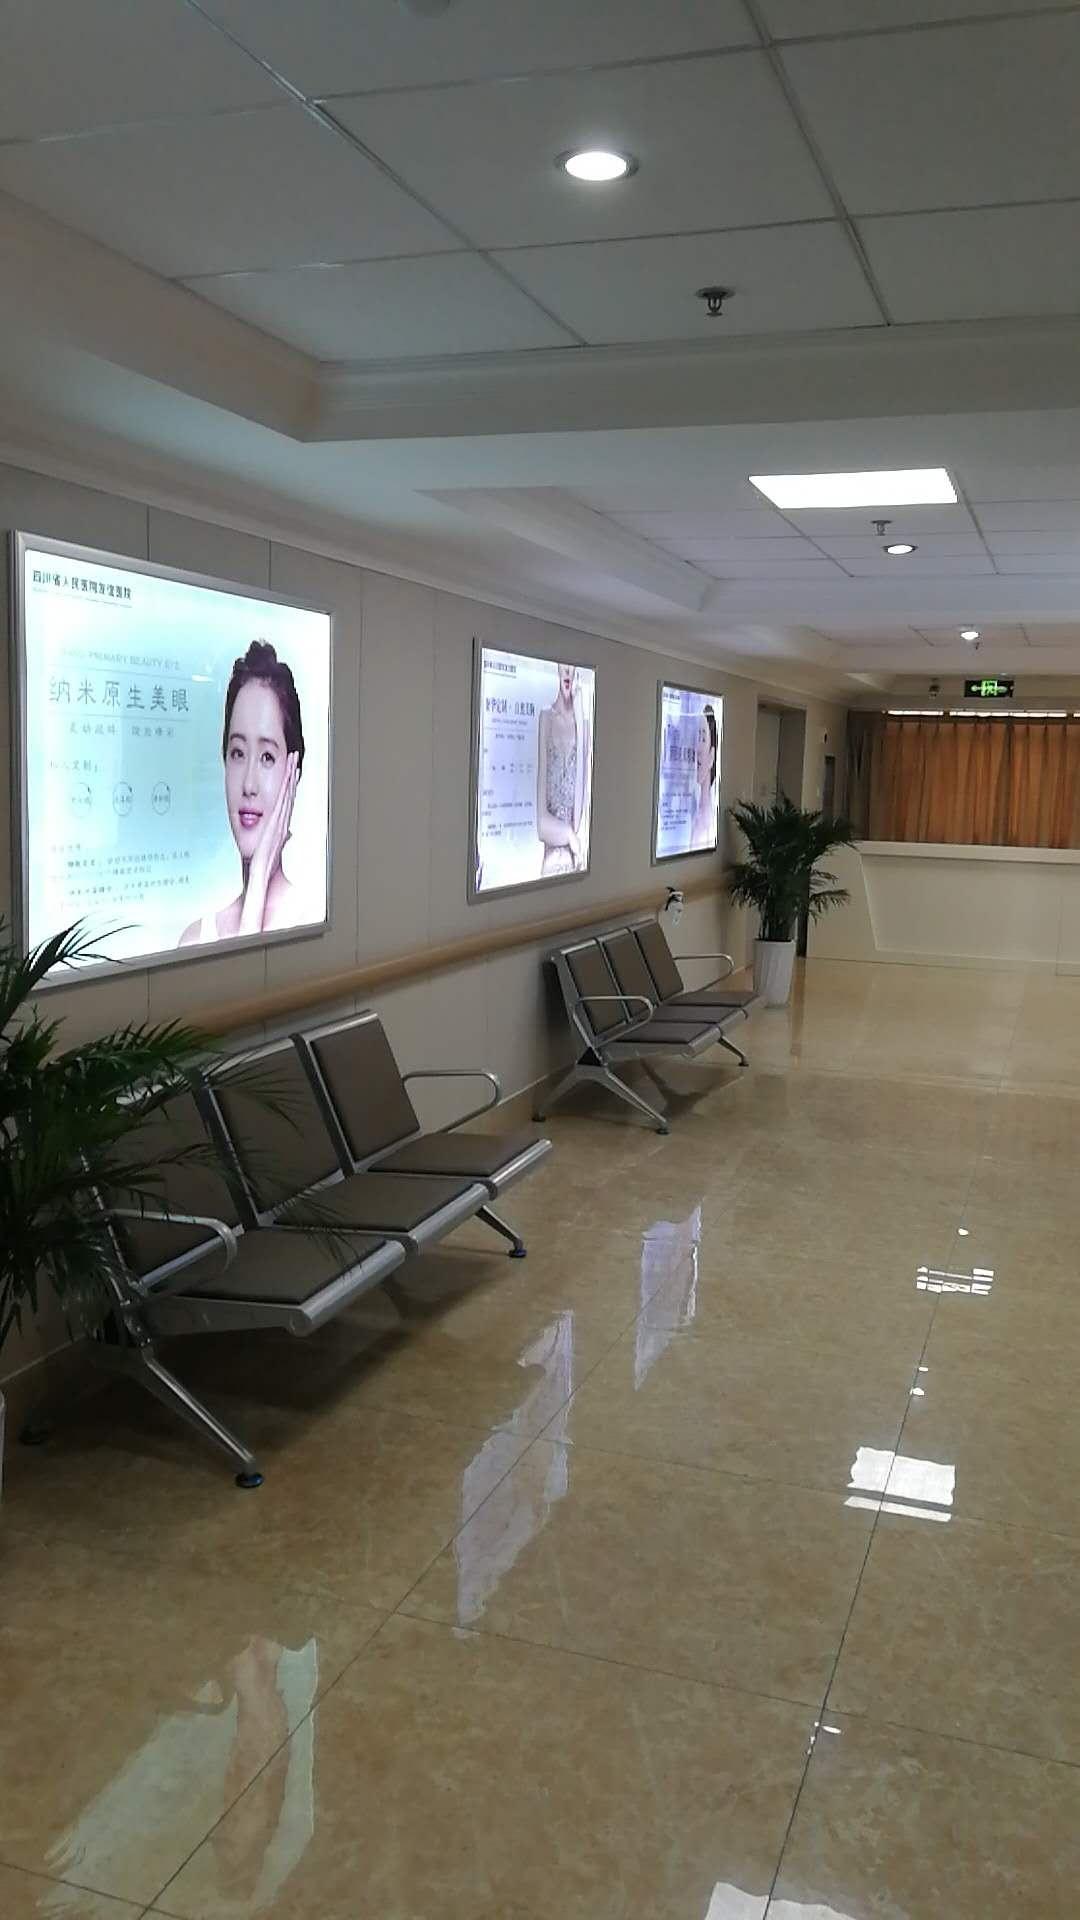 四川友谊医院整形美容环境图4